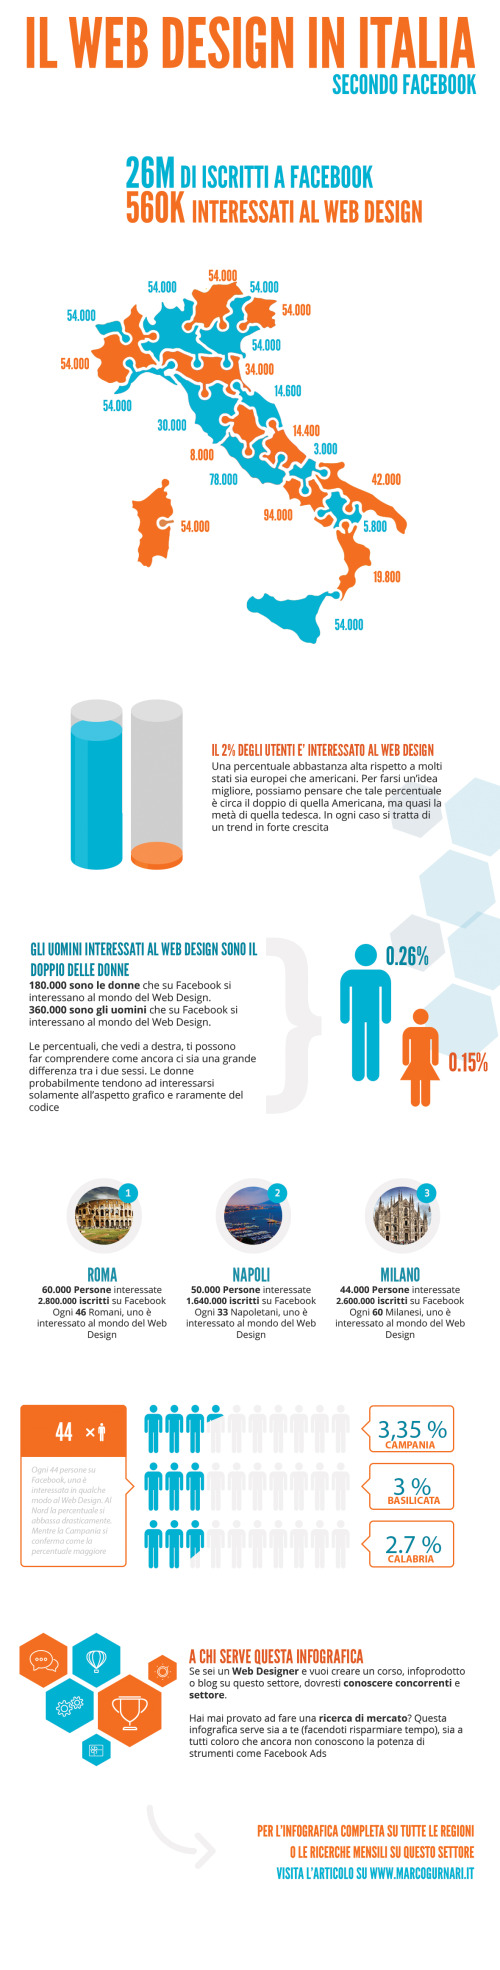 infographic-500x1970